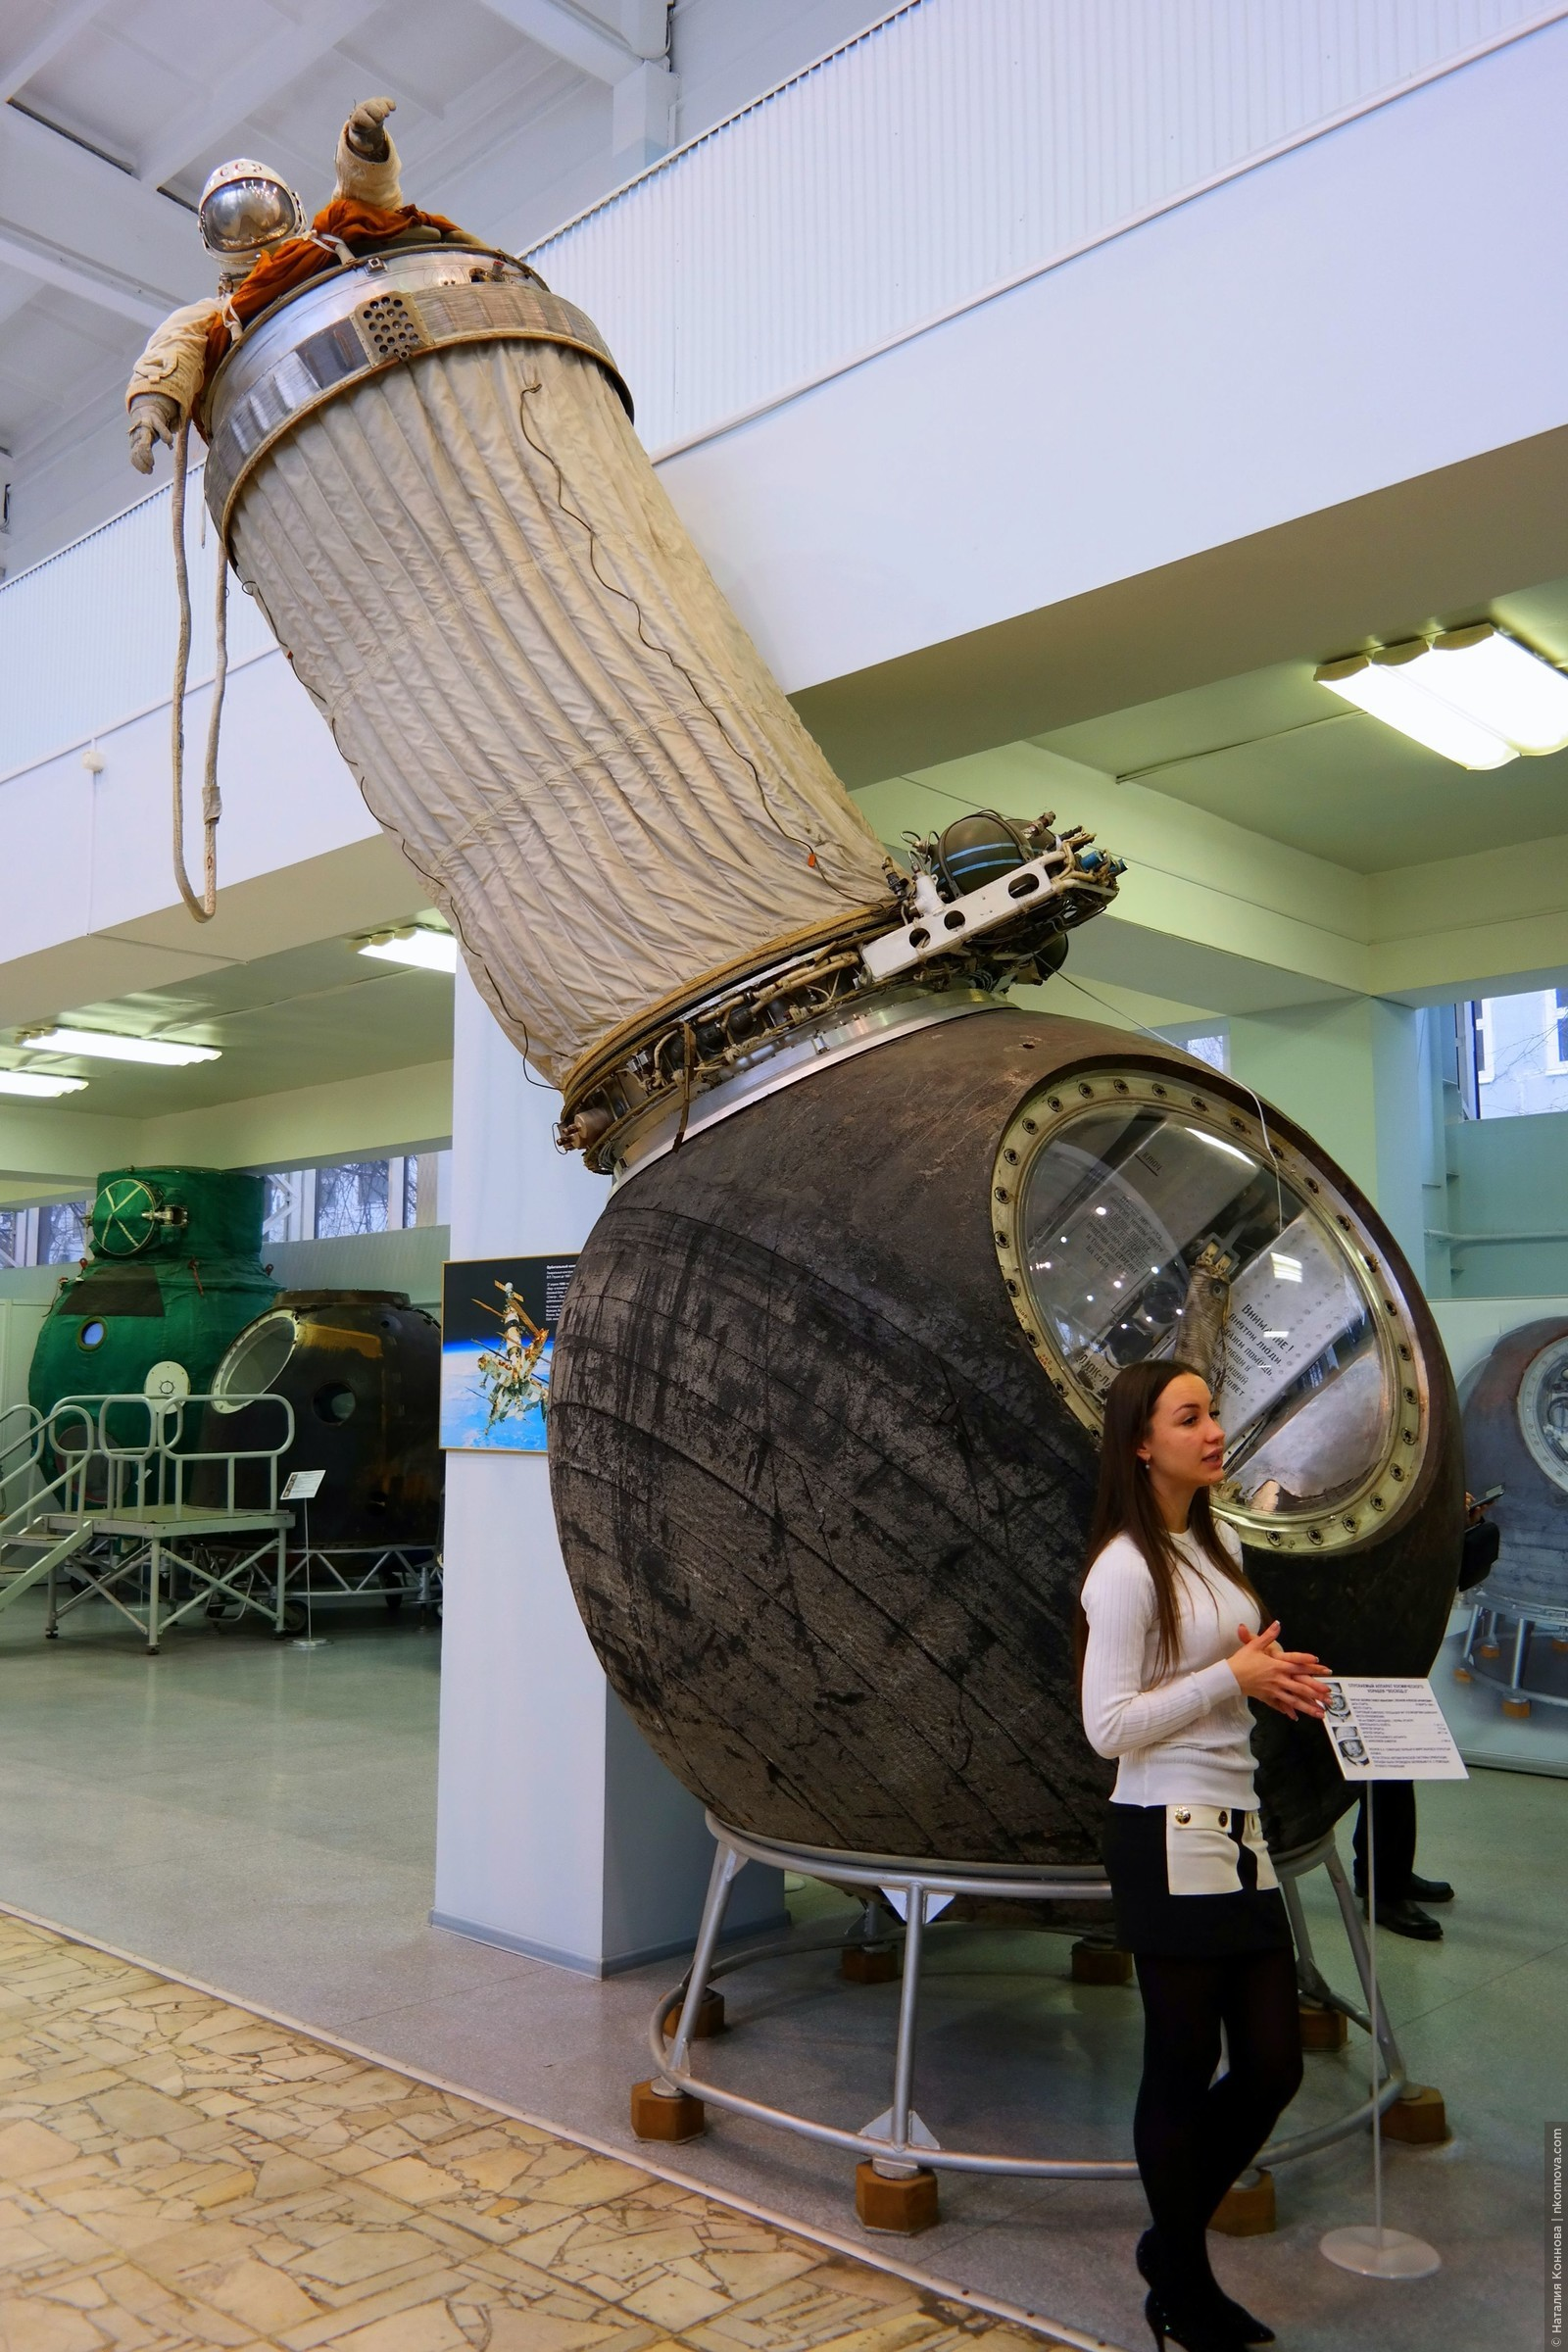 Многоместный аппарат «Восход-2», из которого впервые в мире космонавт А. А. Леонов осуществил выход в открытый космос (не без приключений)., Музей РКК «Энергия» им. Королева